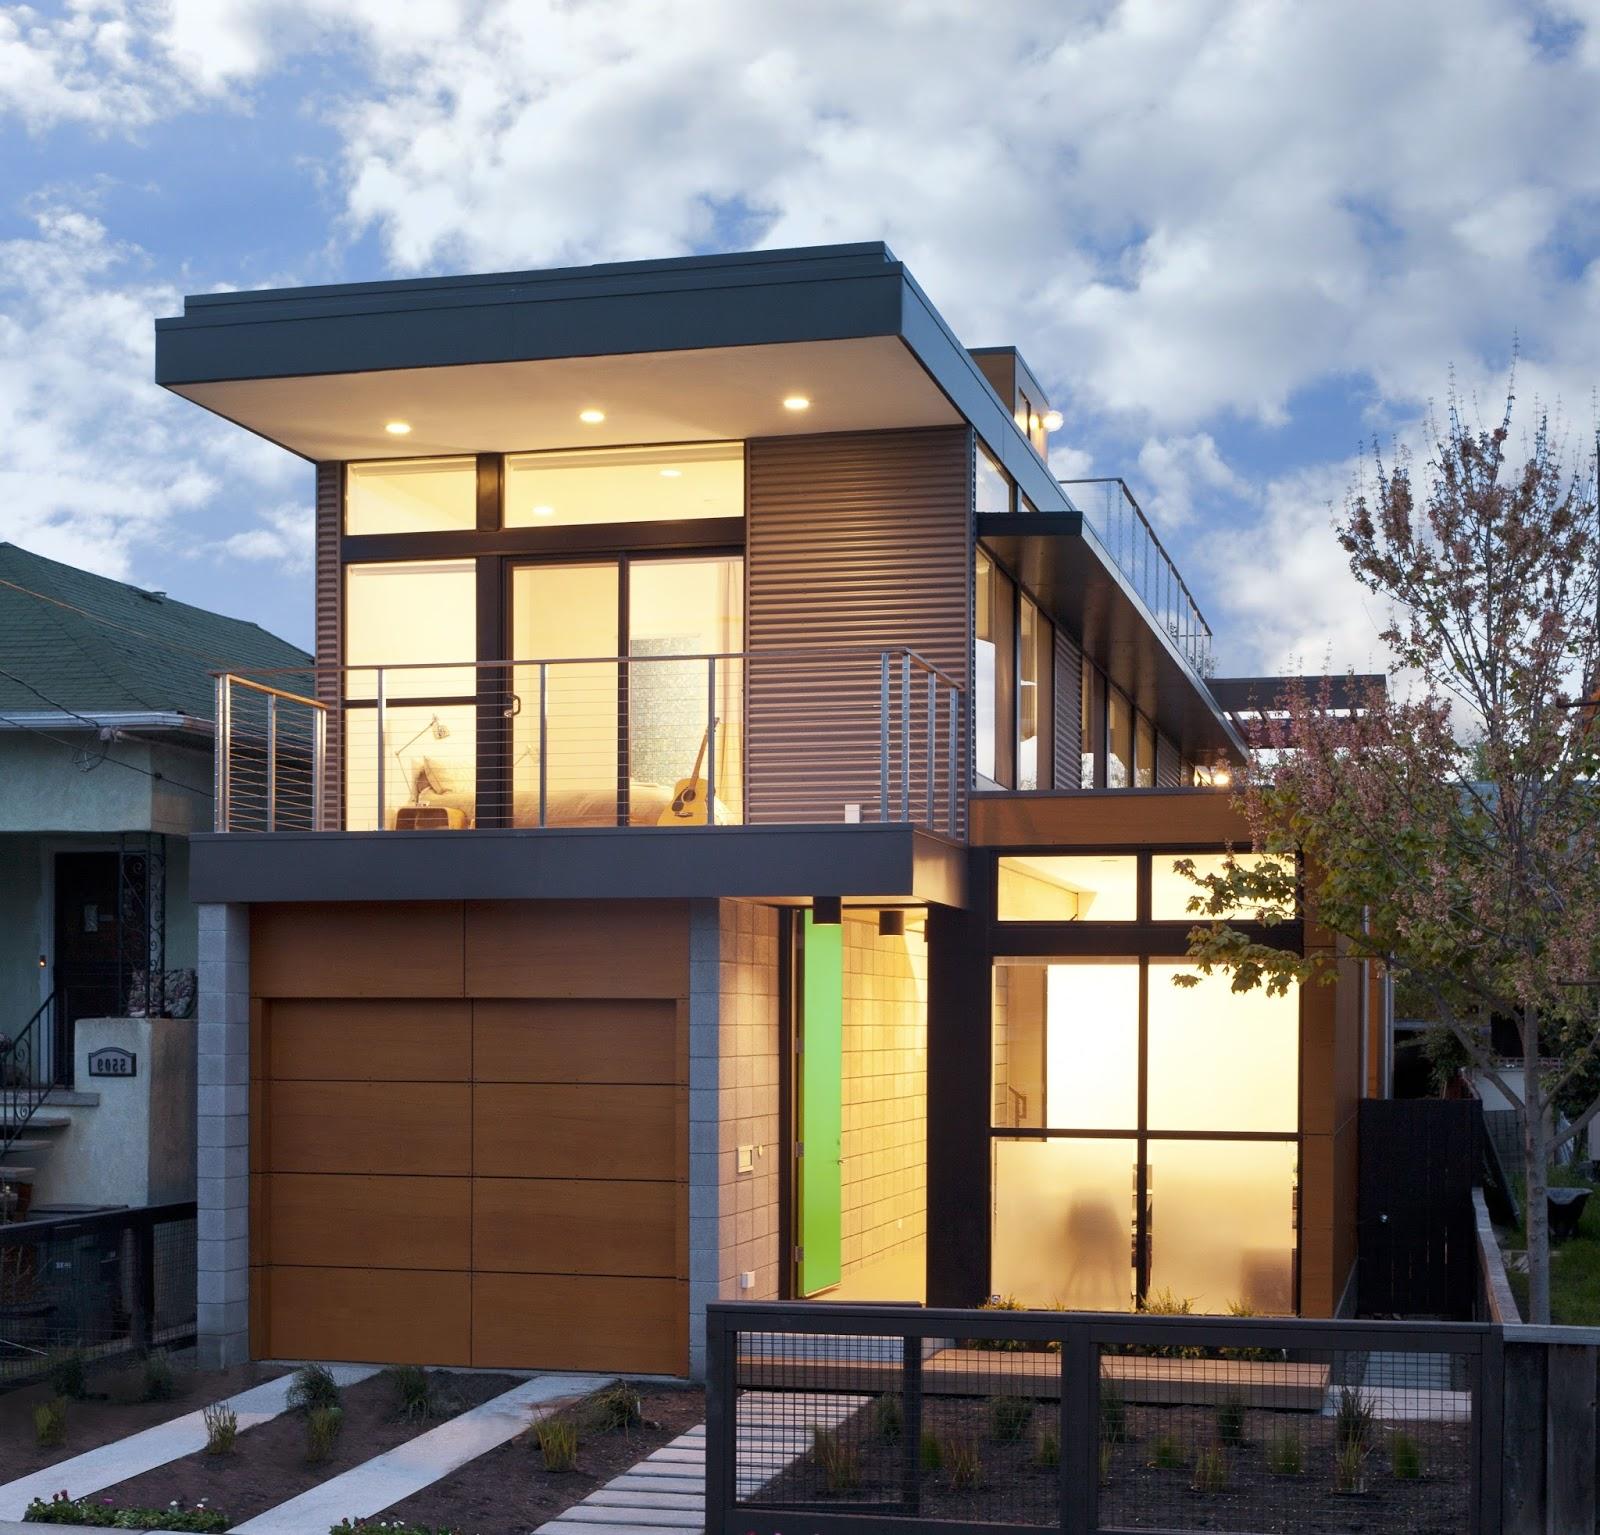 65 imagenes de fachadas de casas modernas minimalistas y for Fachadas casa modernas pequenas